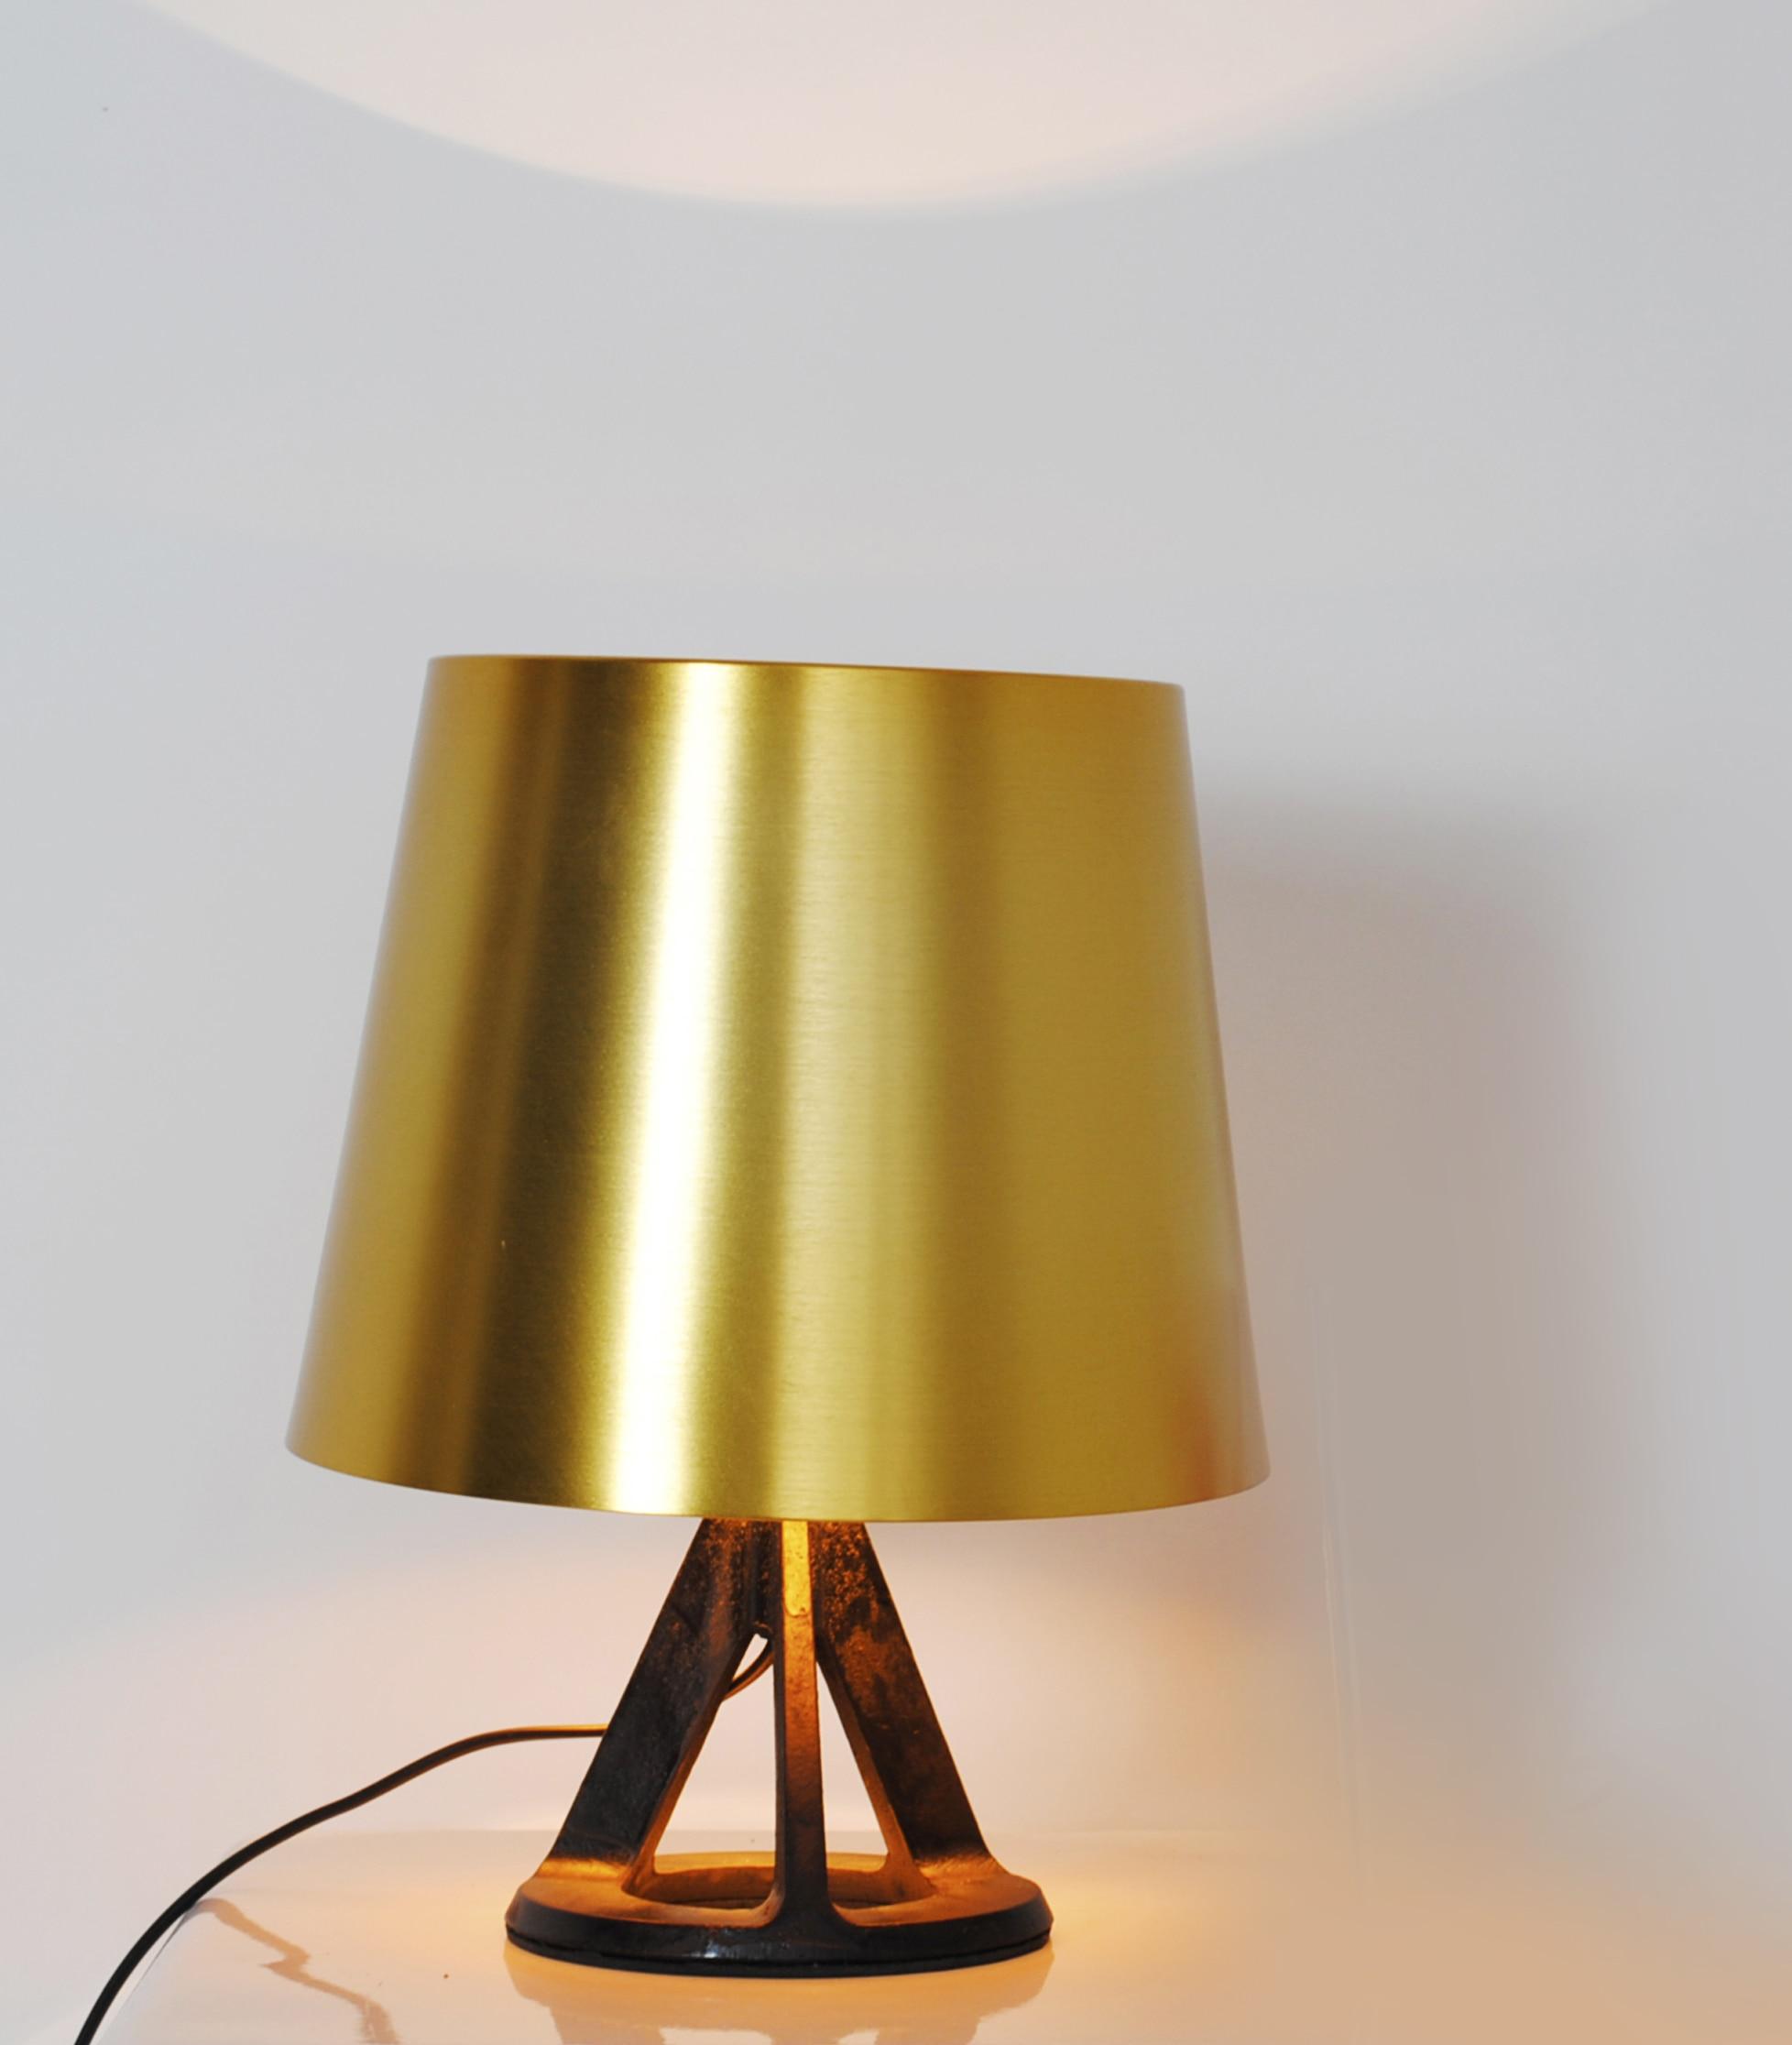 Современный нео Классическая мода Творческий золотой Спальня исследование полноценно Алюминий Декоративные светильники E27 тумбочка лампа...